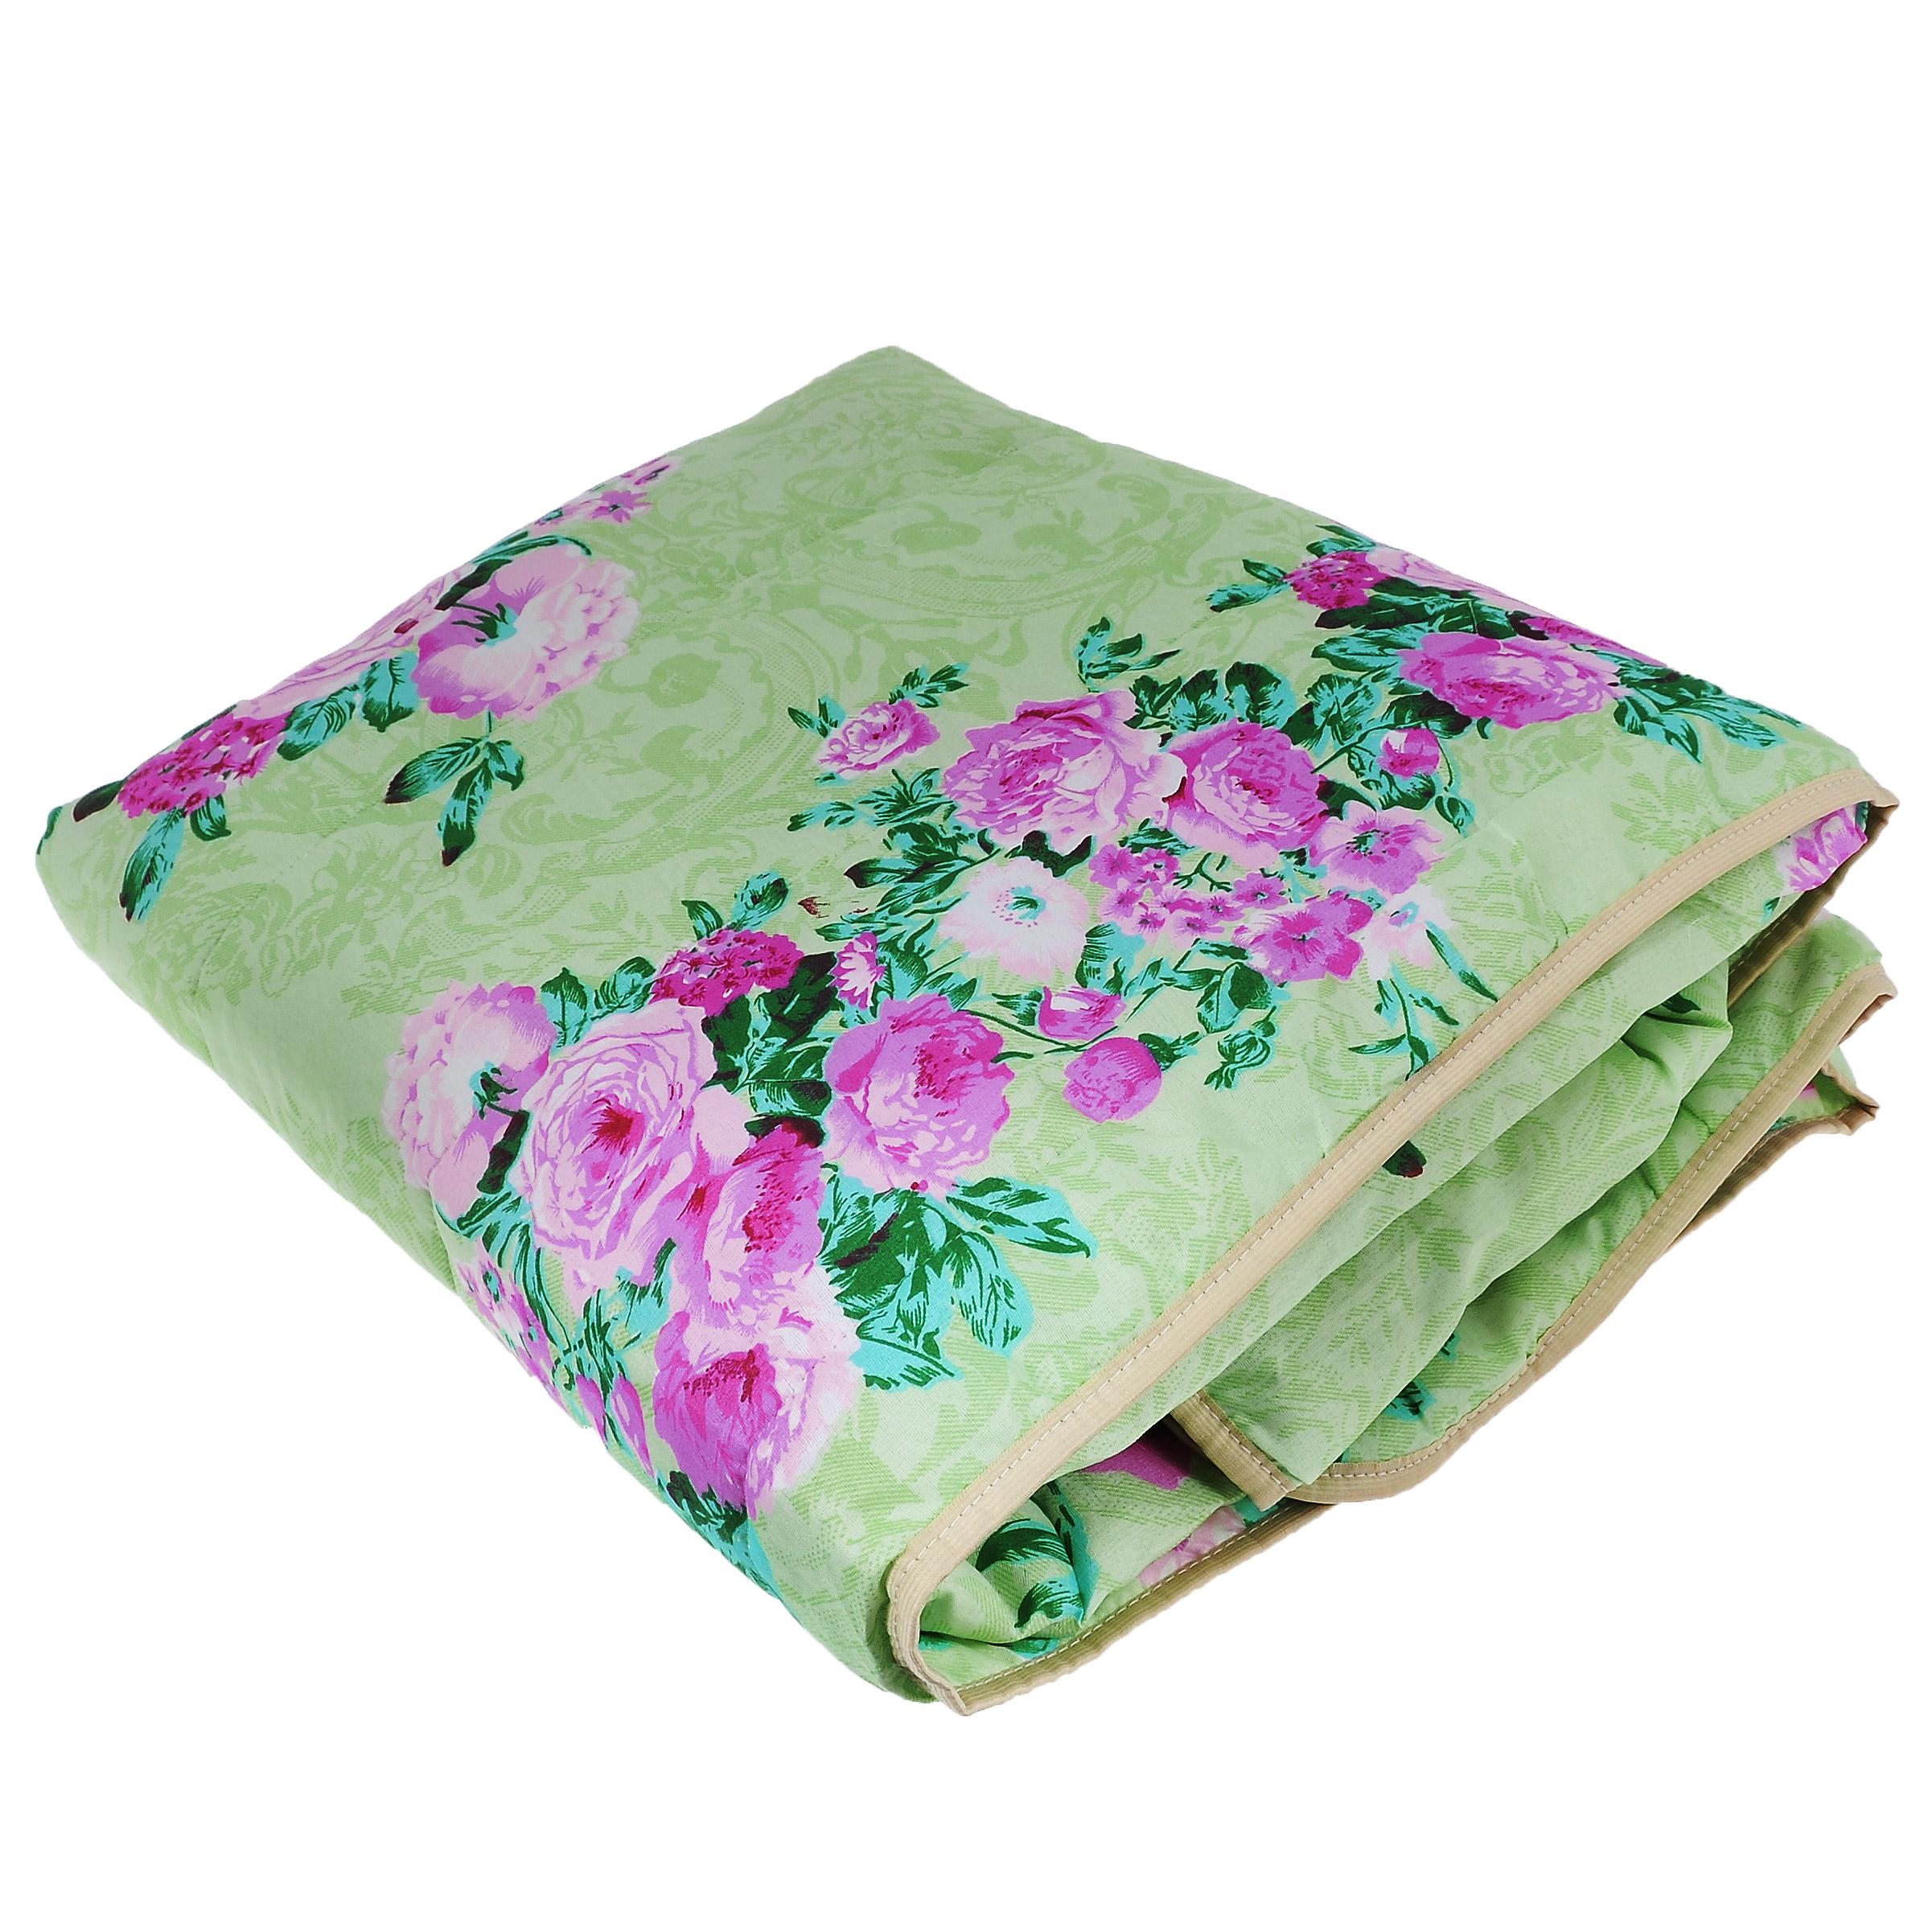 Одеяло летнее OL-Tex Miotex, наполнитель: полиэфирное волокно Holfiteks, цвет: салатовый, розовый, 172 см х 205 смМХПЭ-18-1_салатовый, пионыЛегкое летнее одеяло OL-Tex Miotex создаст комфорт и уют во время сна. Чехол выполнен из полиэстера и оформлен красочным рисунком. Внутри - современный наполнитель из полиэфирного высокосиликонизированного волокна Holfiteks, упругий и качественный. Прекрасно держит тепло. Одеяло с наполнителем Holfiteks легкое и комфортное. Даже после многократных стирок не теряет свою форму, наполнитель не сбивается, так как одеяло простегано и окантовано. Не вызывает аллергии. Holfiteks - это возможность легко ухаживать за своими постельными принадлежностями. Можно стирать в машинке, изделия быстро и полностью высыхают - это обеспечивает гигиену спального места при невысокой цене на продукцию. Плотность: 100 г/м2.